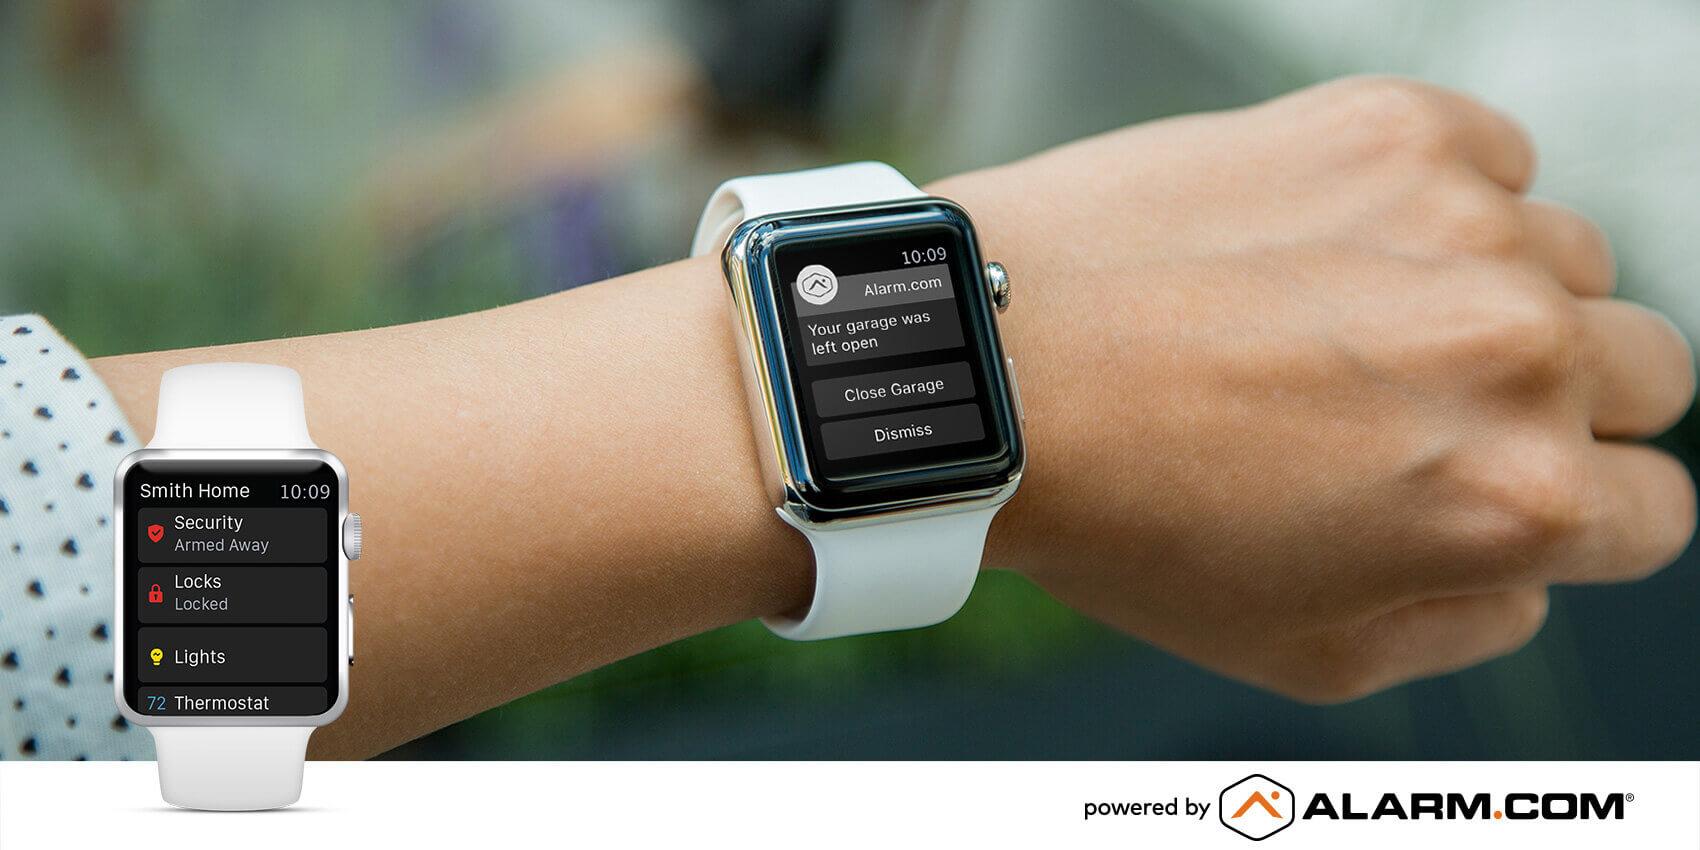 iwatch alarm-com